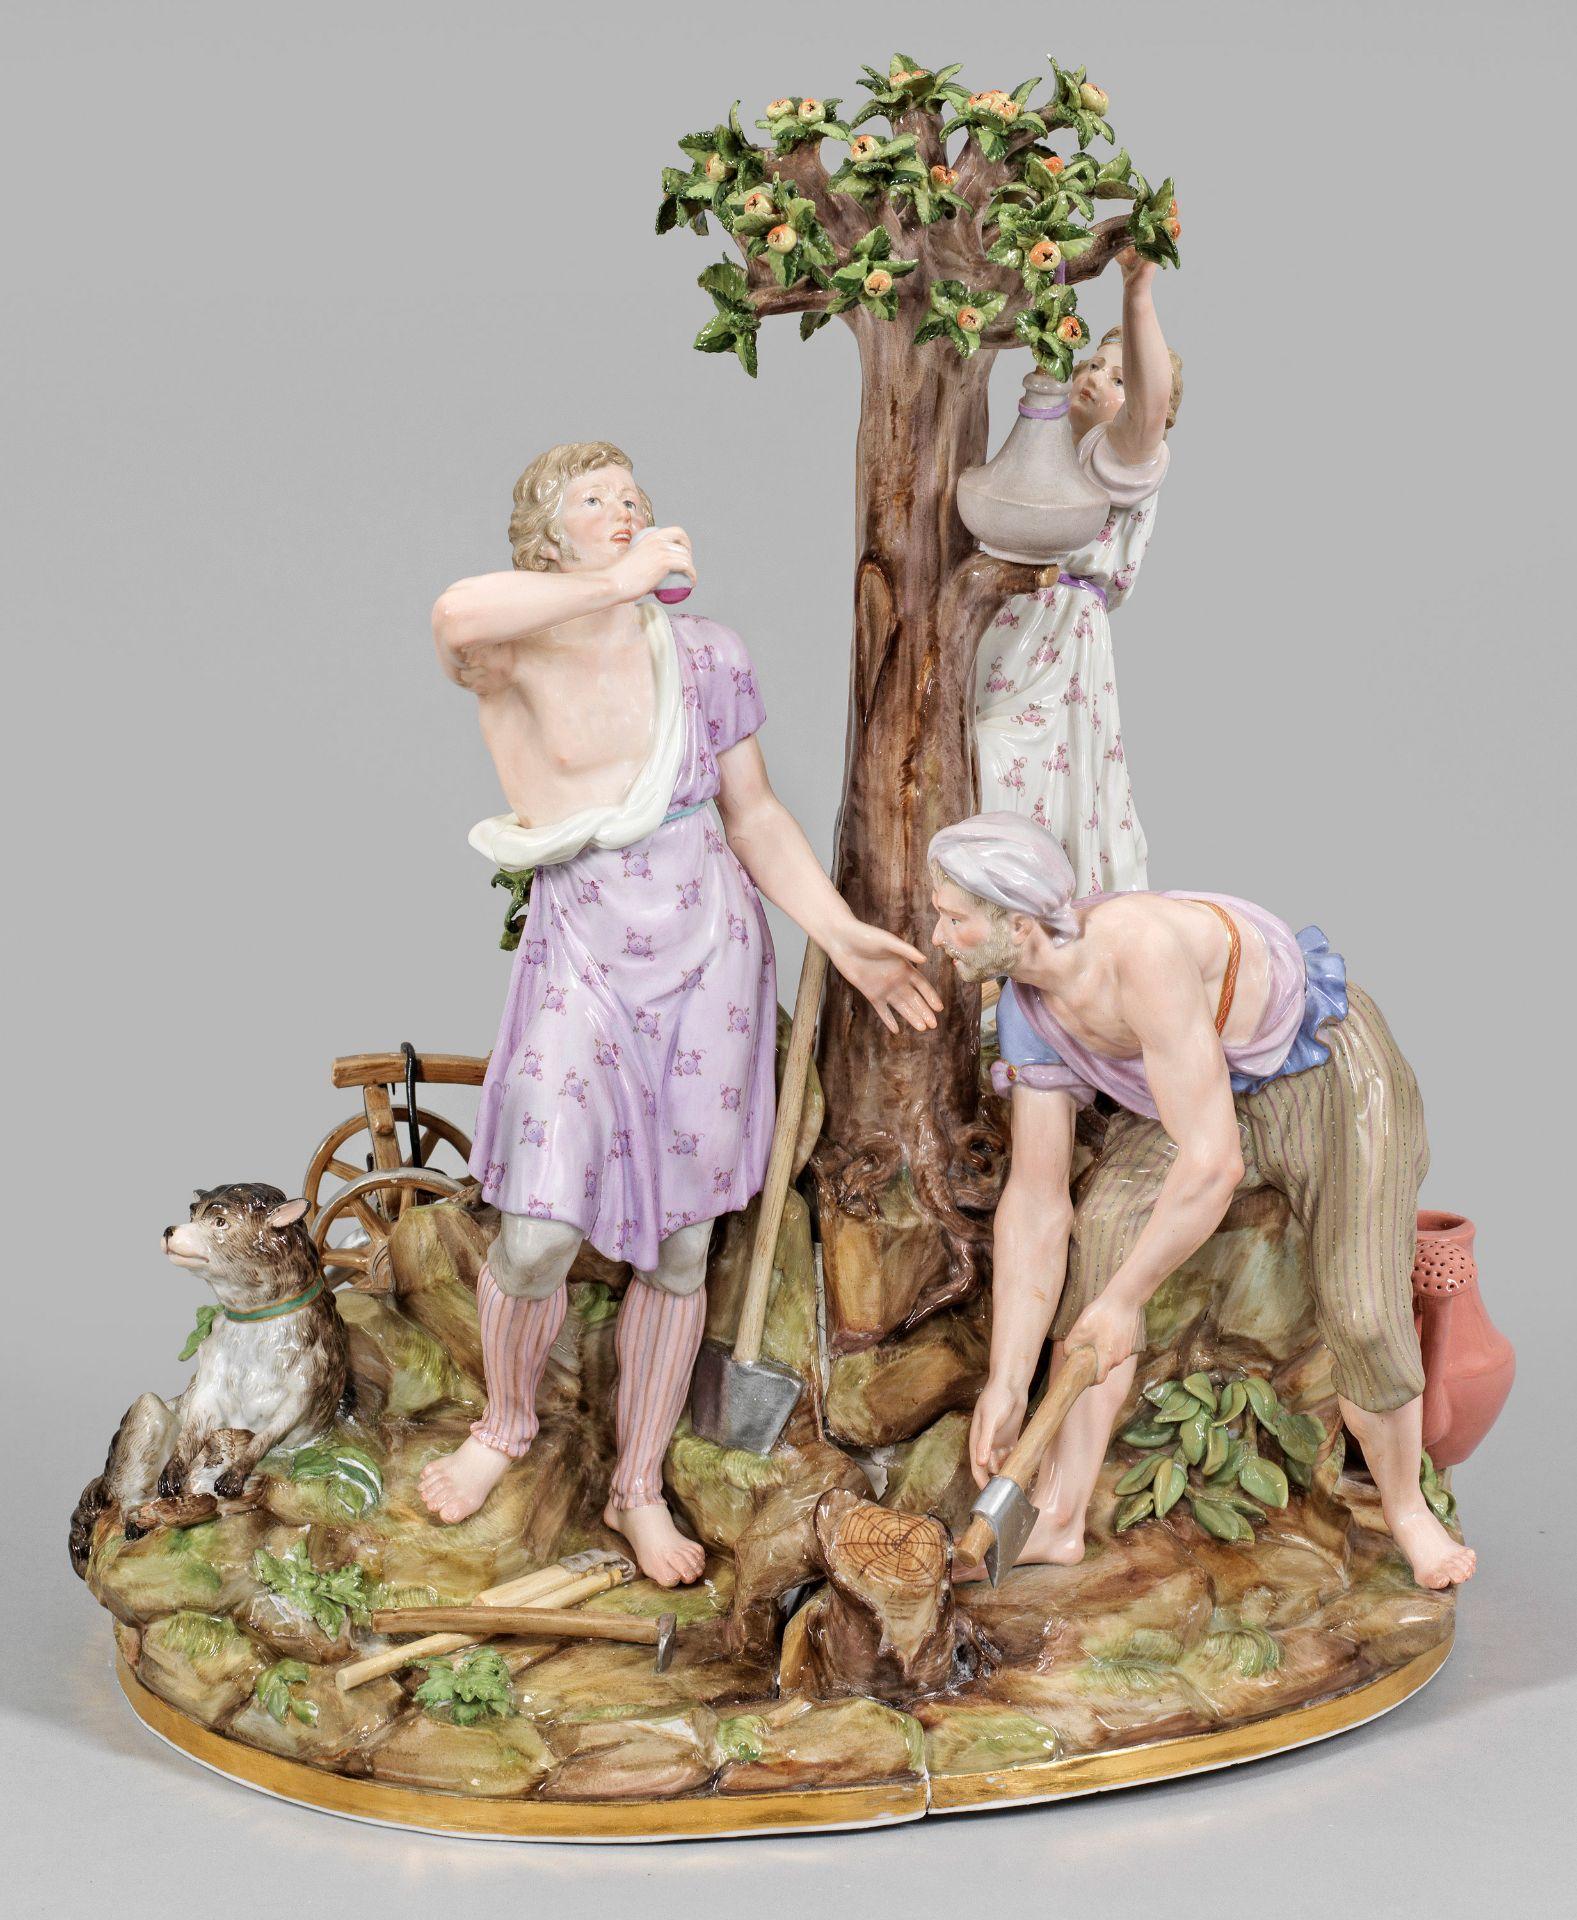 Große allegorische Figurengruppe